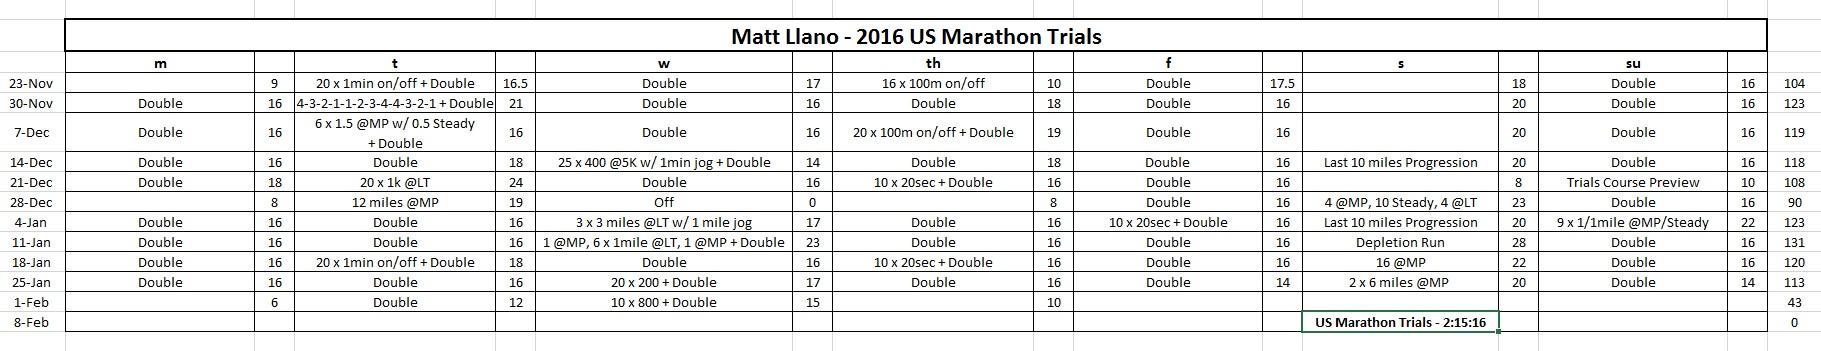 Matt Llano training